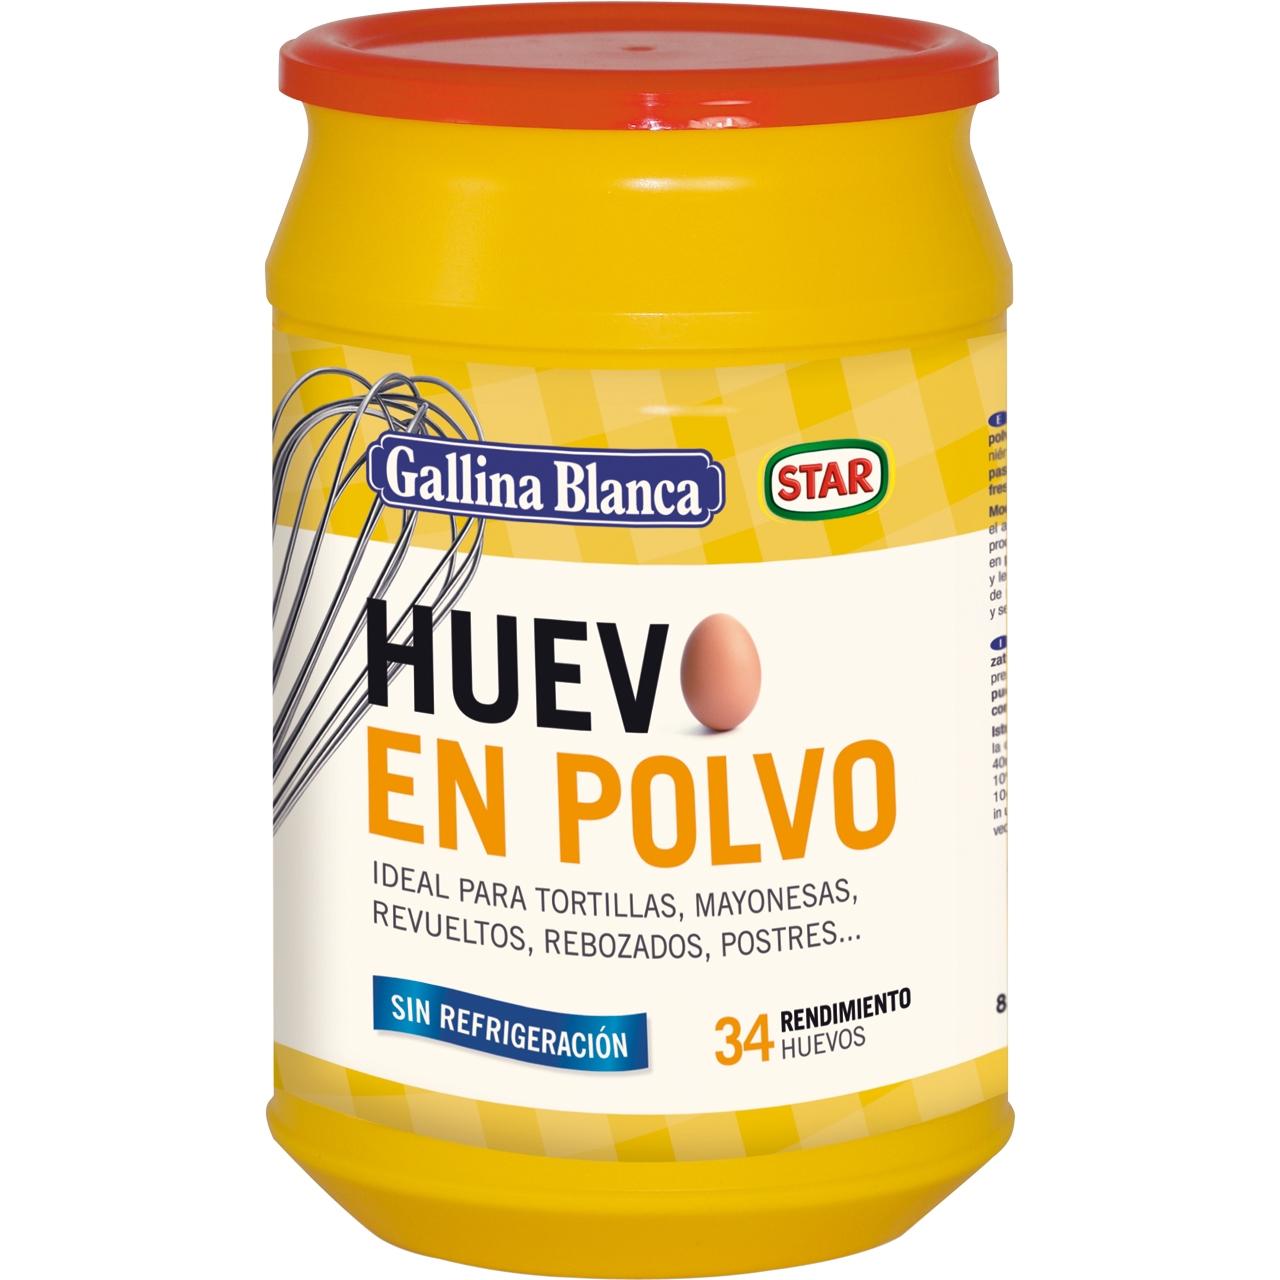 Huevo en polvo deshidratado 340gr. Gallina Blanca